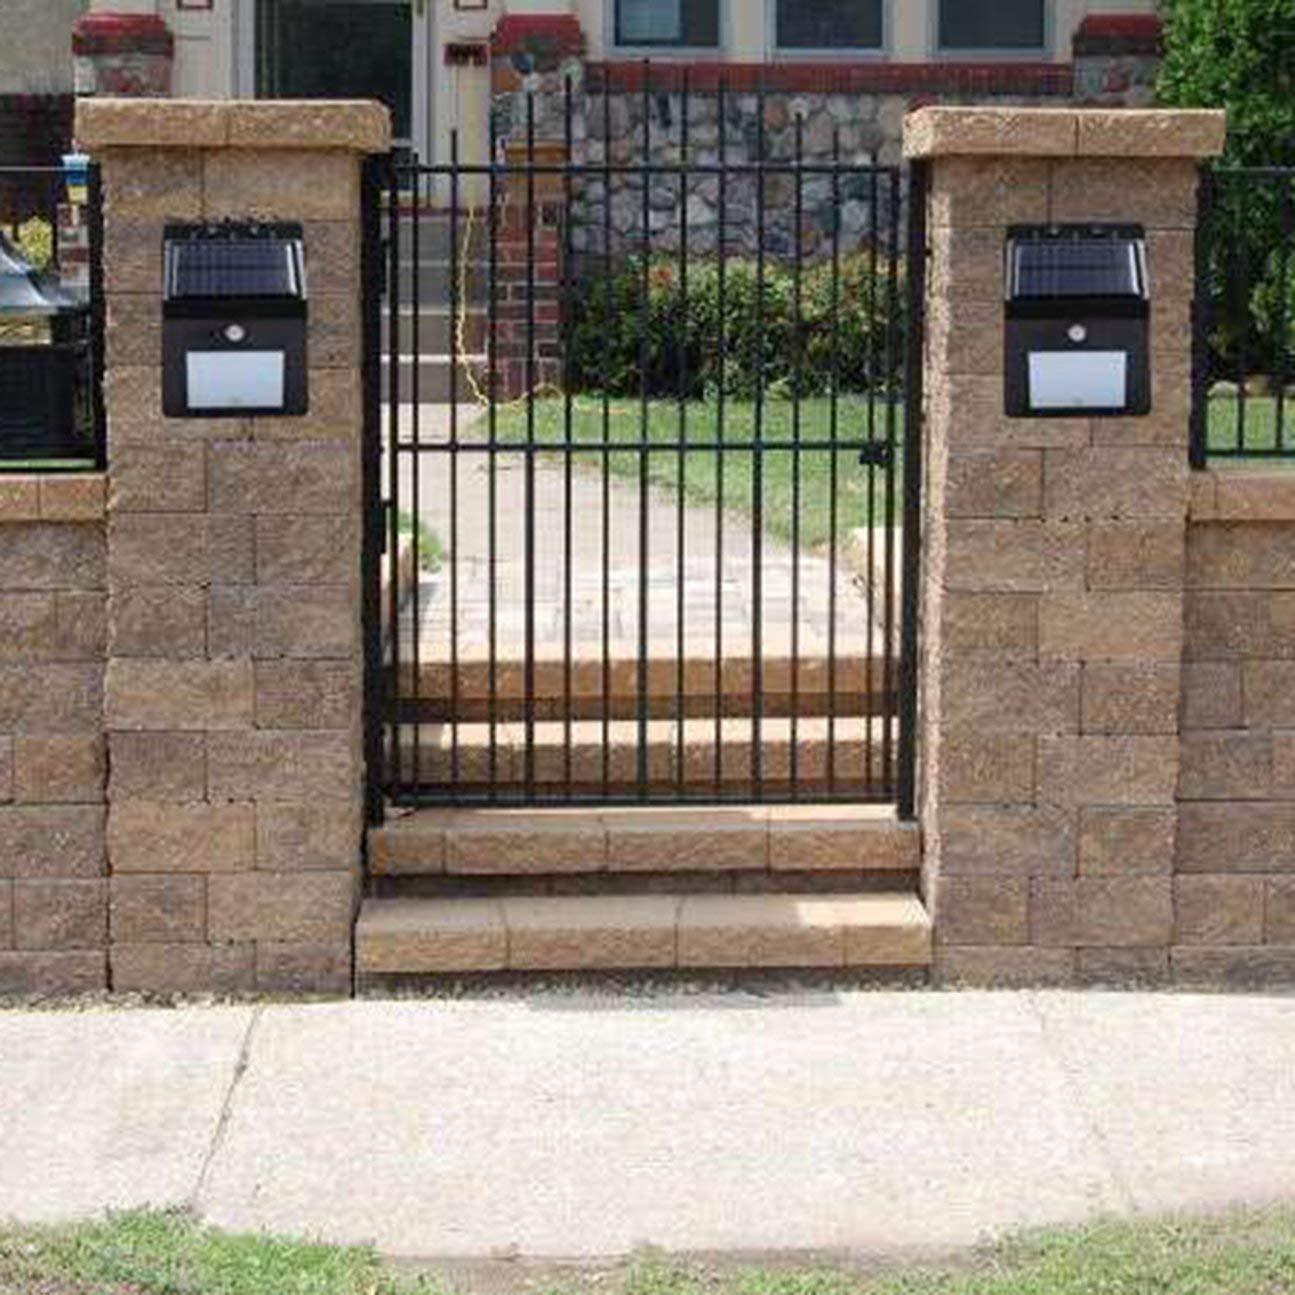 COULEUR: noir Imperm/éable 20 lumi/ères solaires LED capteur de mouvement mur lumi/ère ext/érieure lampe jardin cour